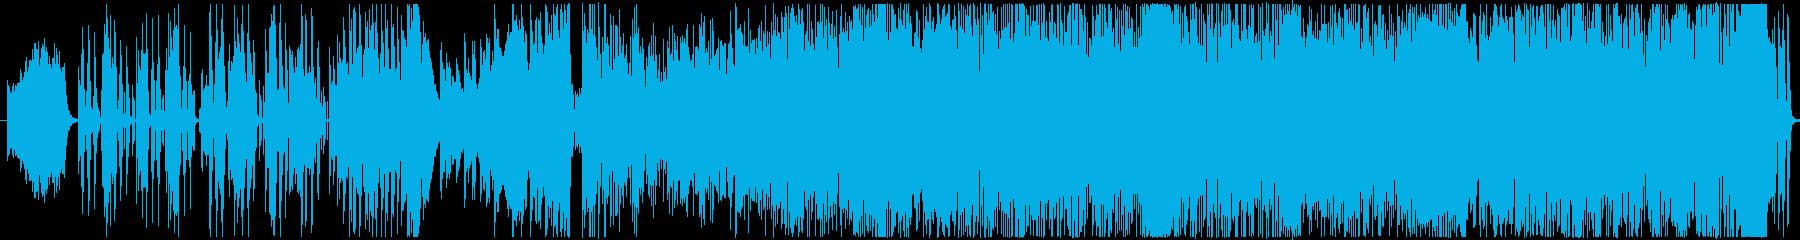 ブルースでかわいい曲の再生済みの波形